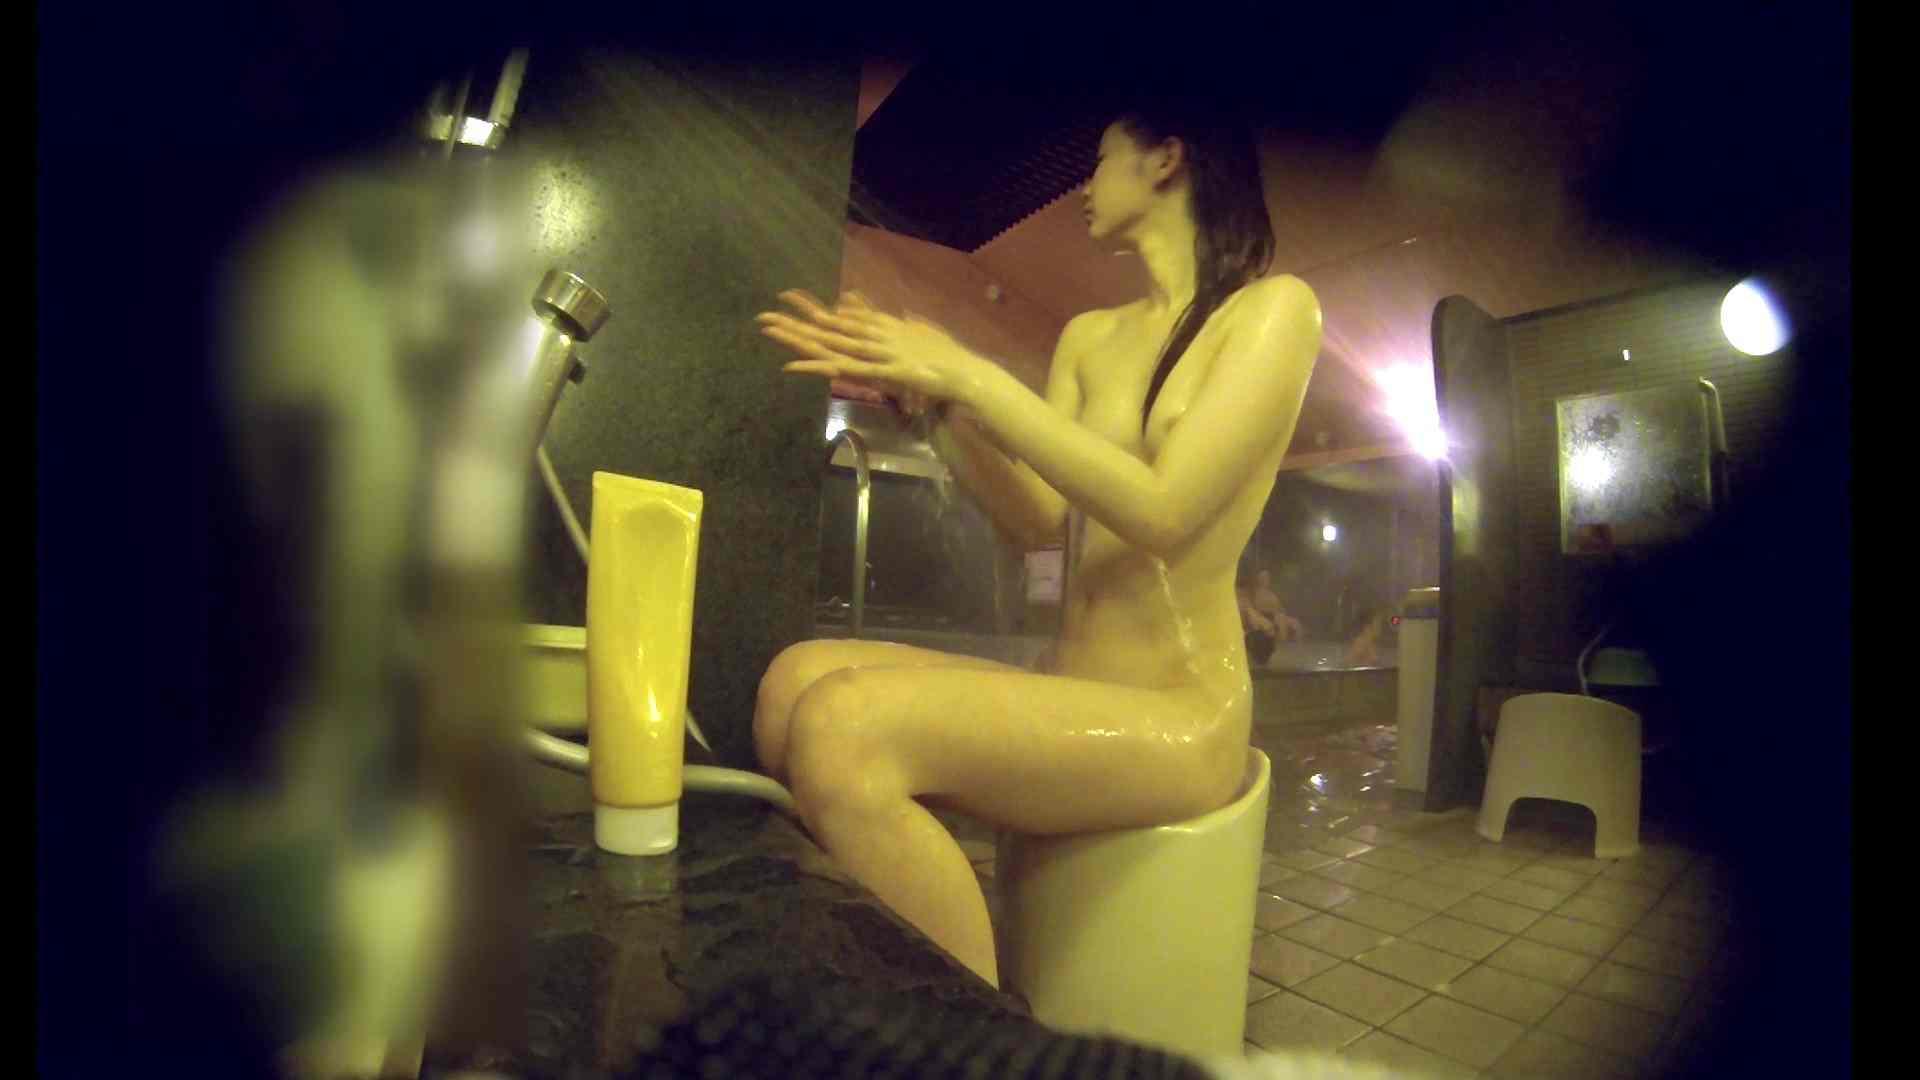 洗い場!来たぁぁぁ売れる予感・・・うん、いい。見えてる! 桃色乳首 性交動画流出 75画像 32